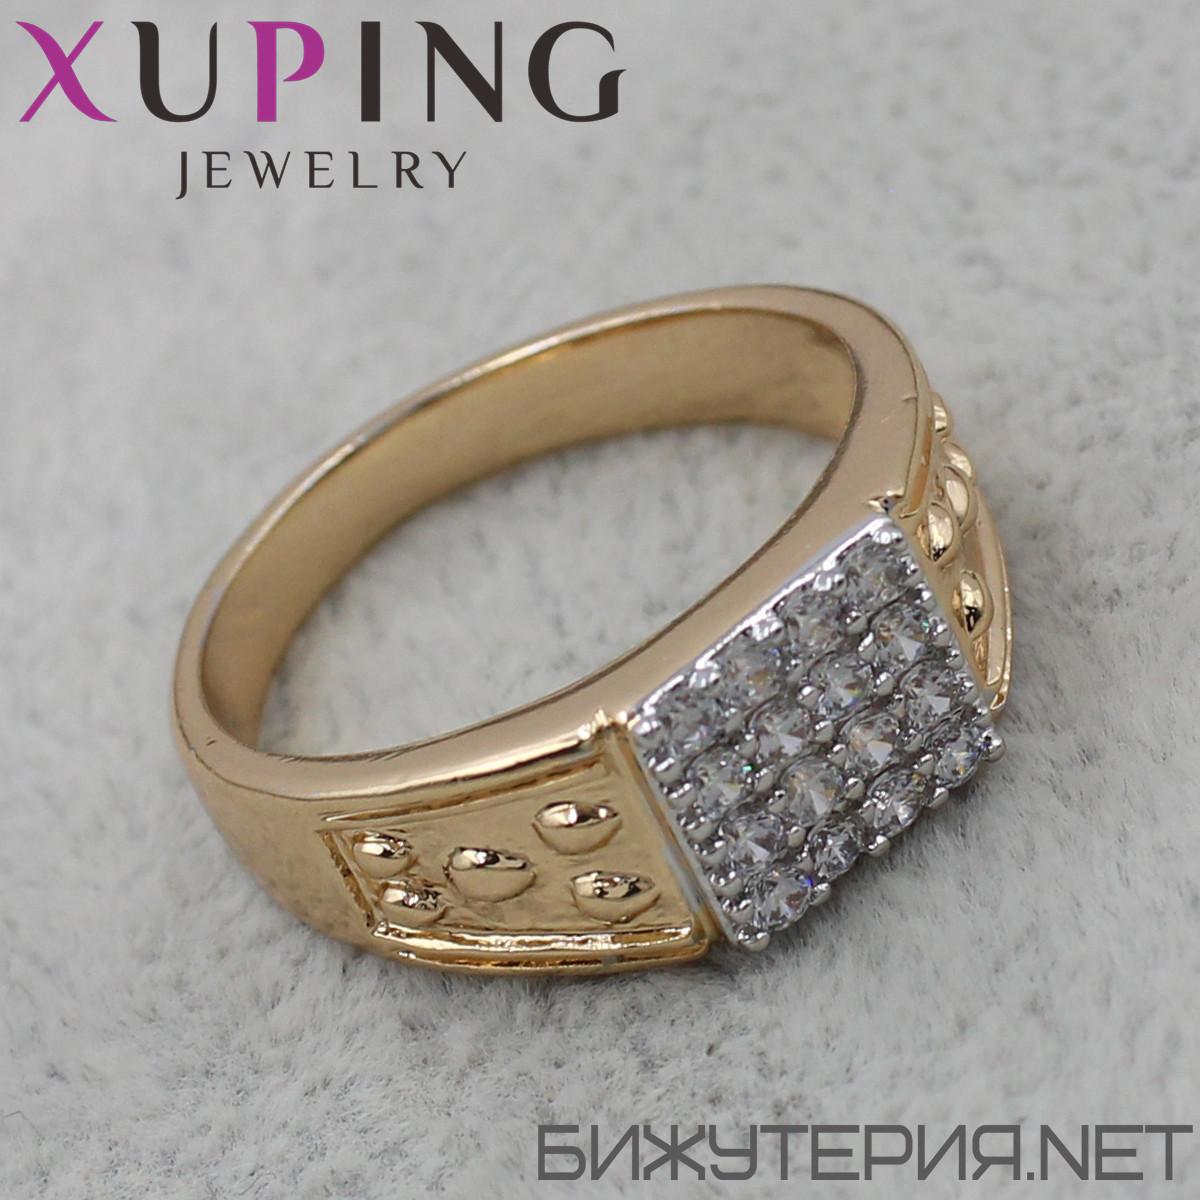 Перстень Xuping медицинское золото 18K Gold - 1025746989